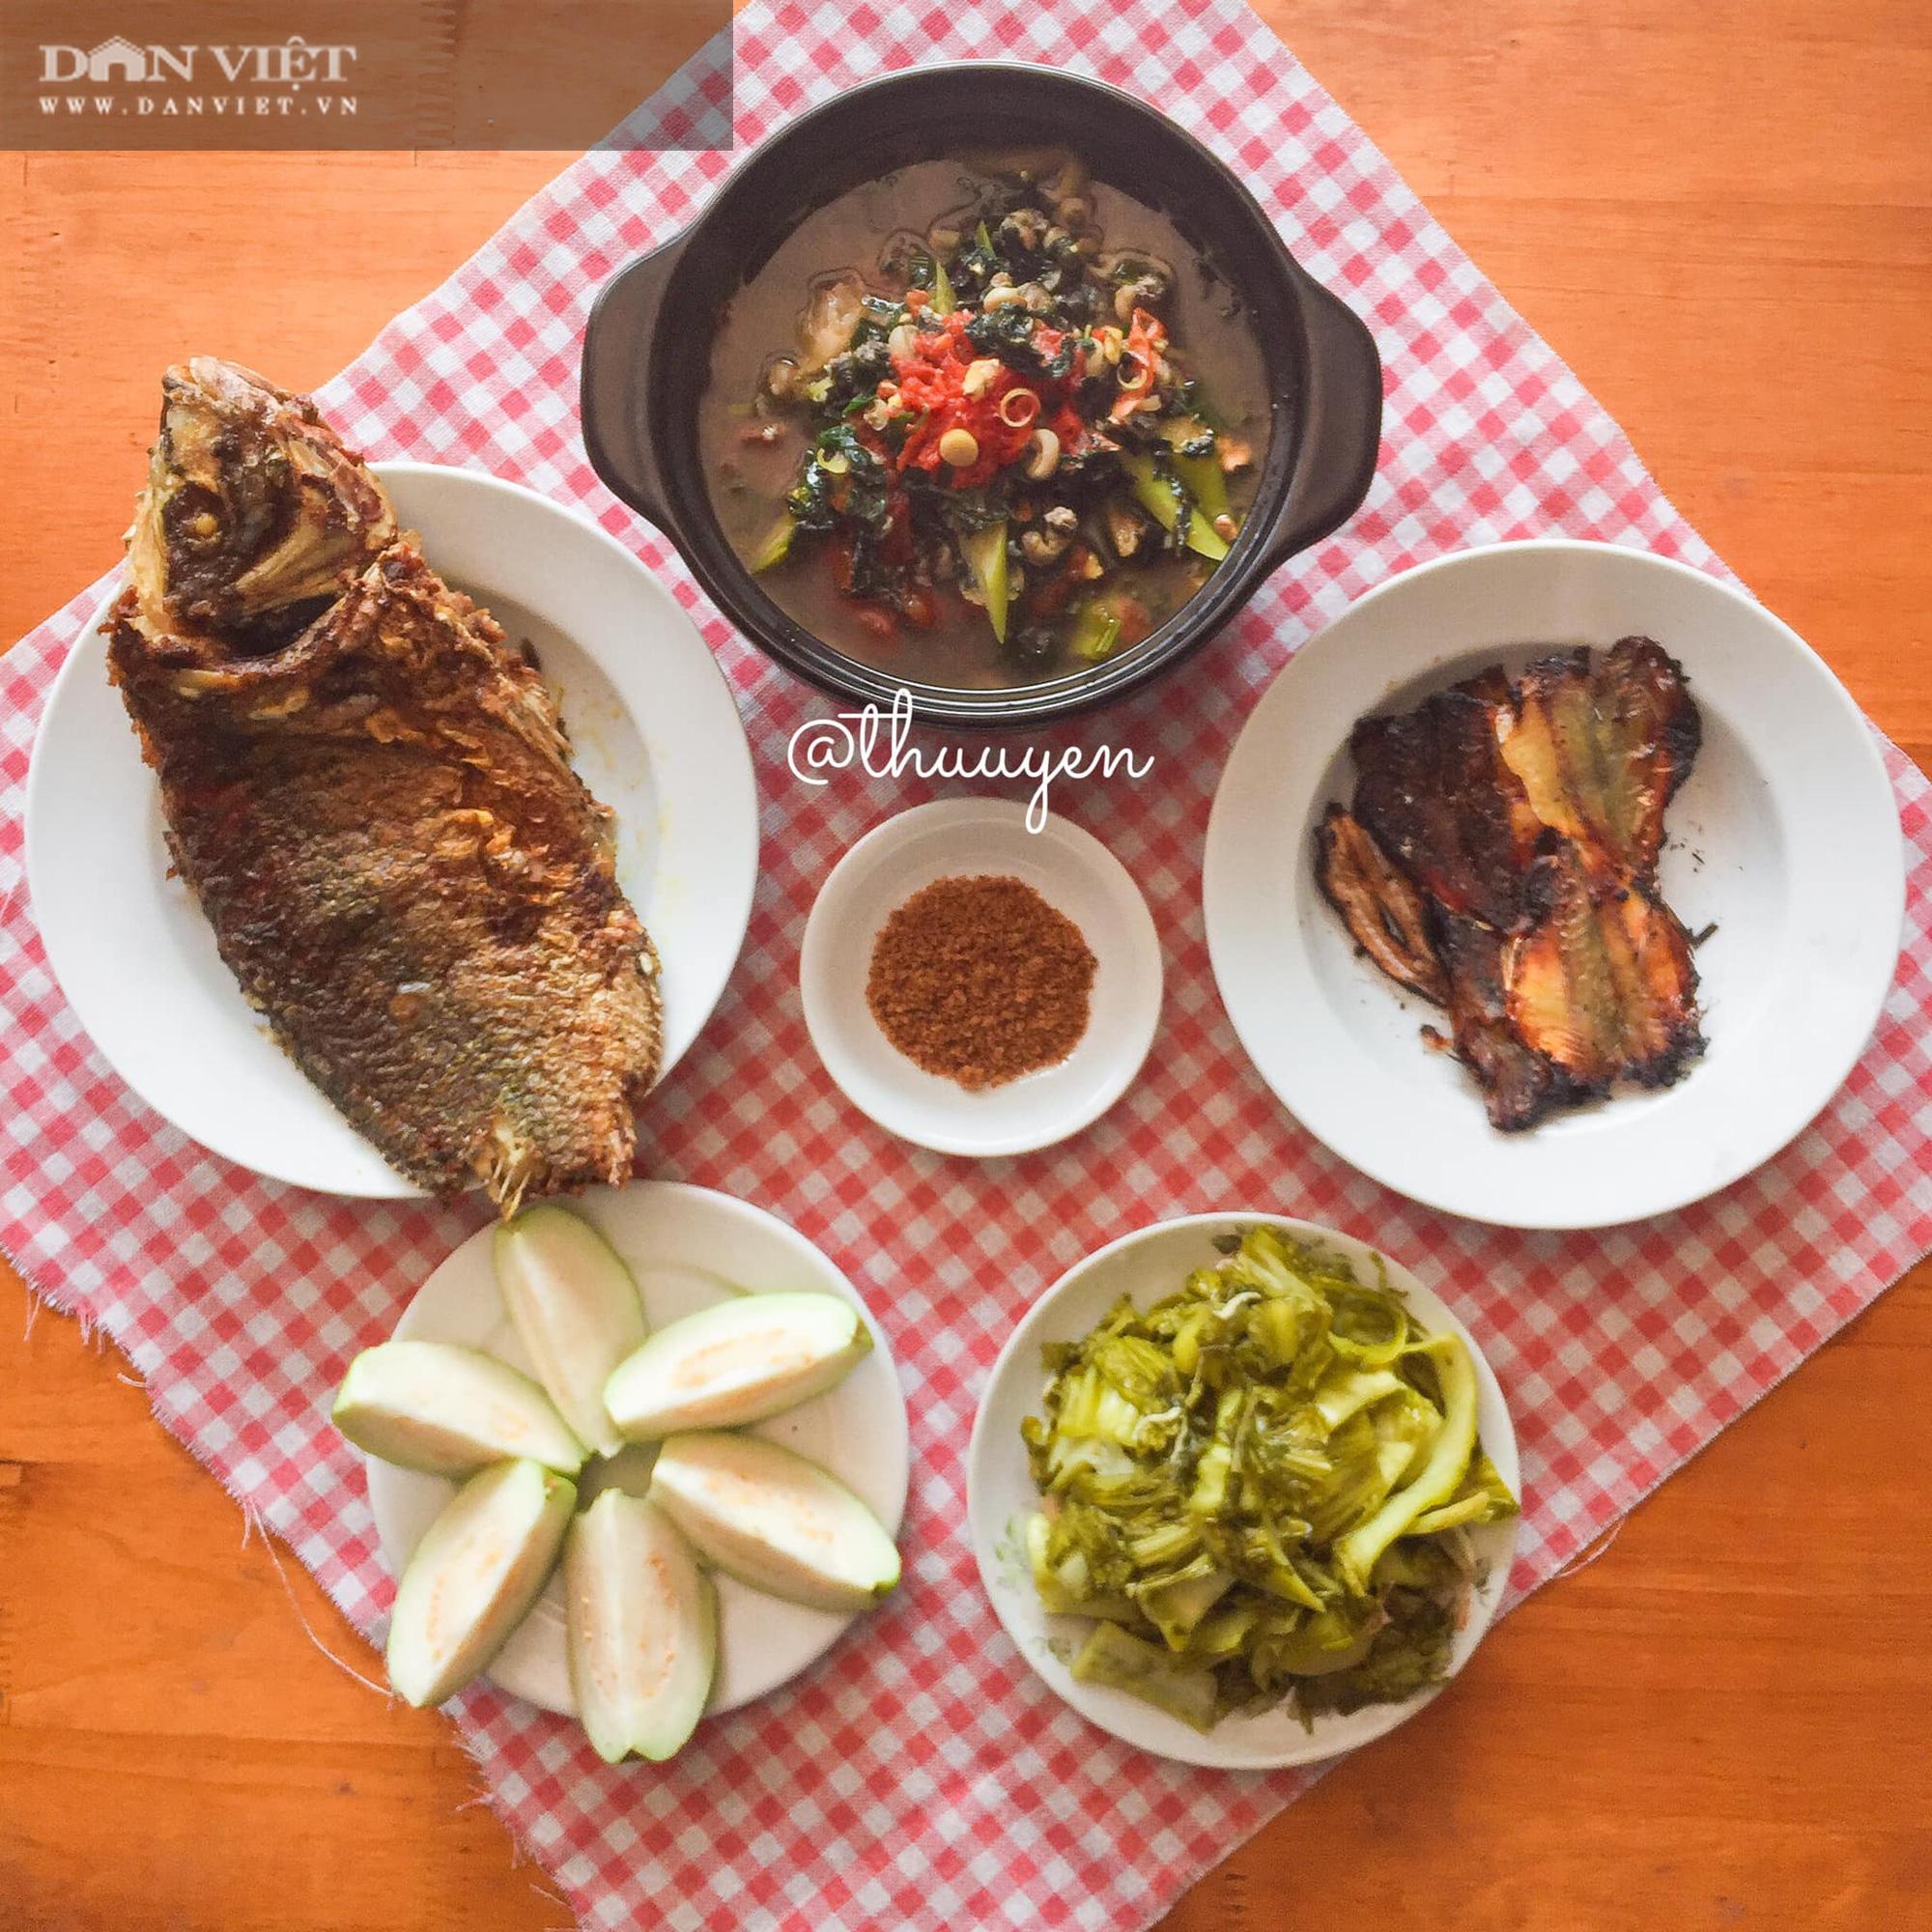 Gợi ý 9 thực đơn cho bữa cơm gia đình xua tan cái nóng của mùa hè - Ảnh 9.